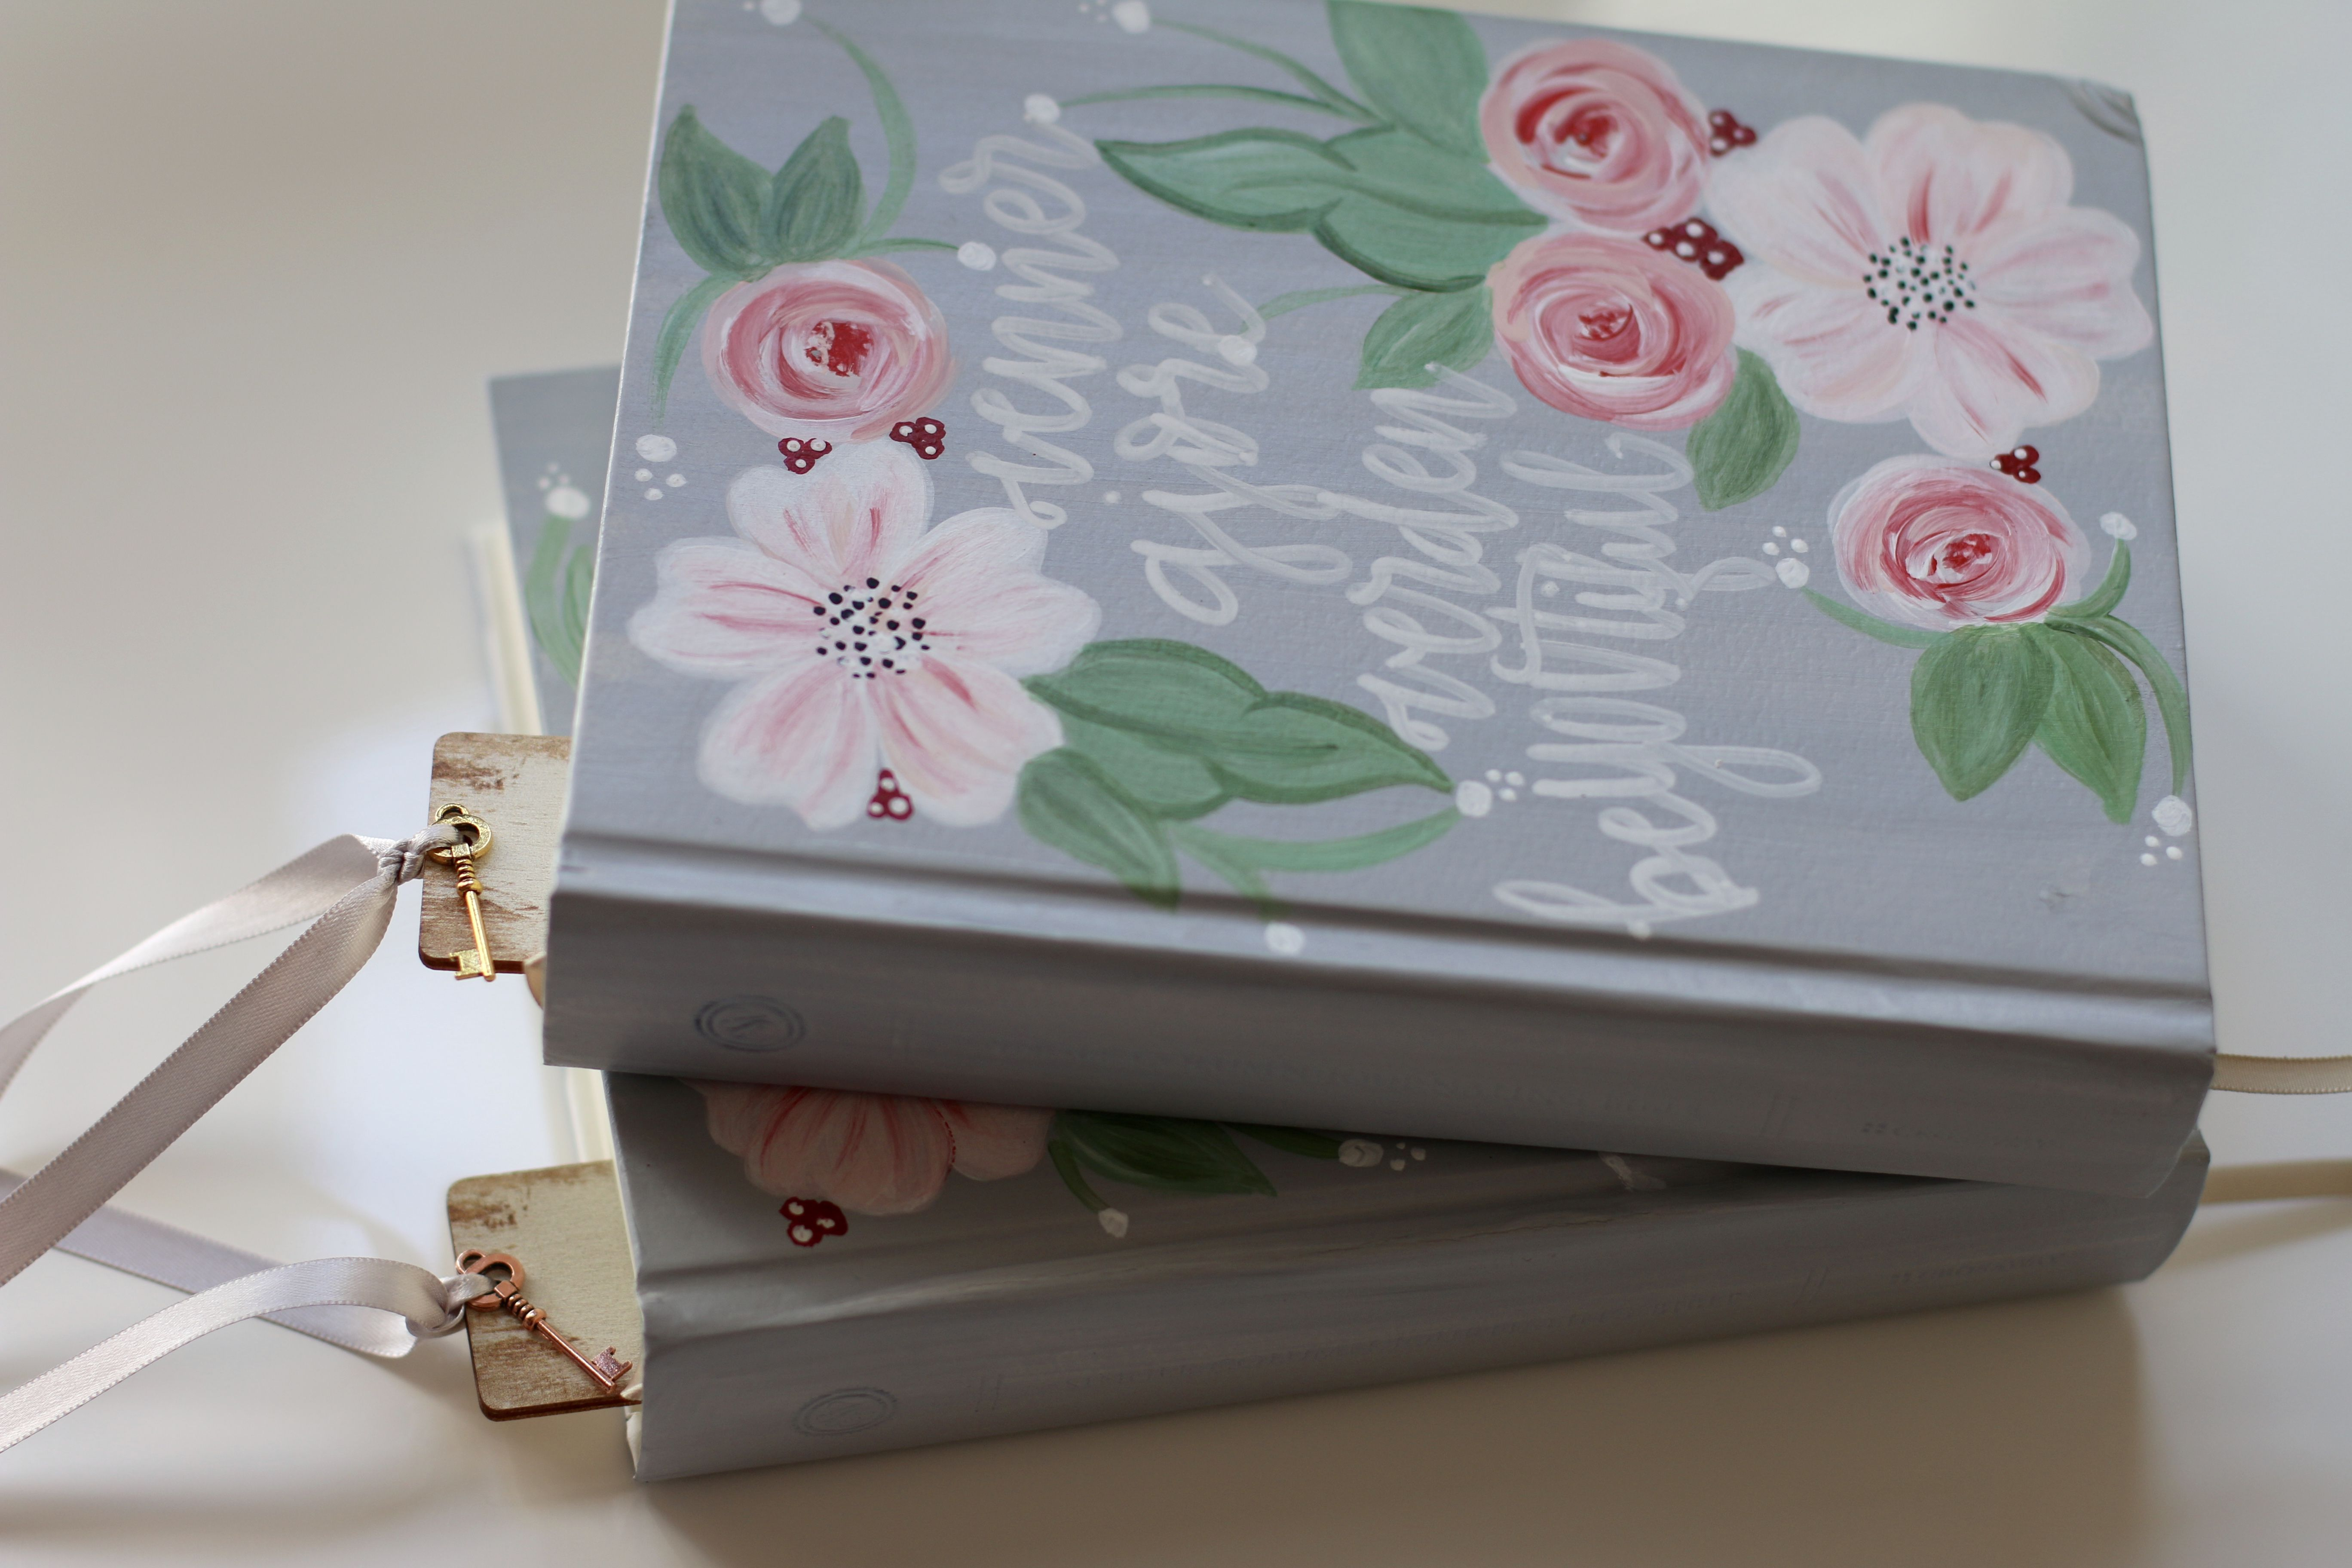 customizable bible! The perfect bridesmaids gift! #wedding #bridesmaidsgift #bridesmaid